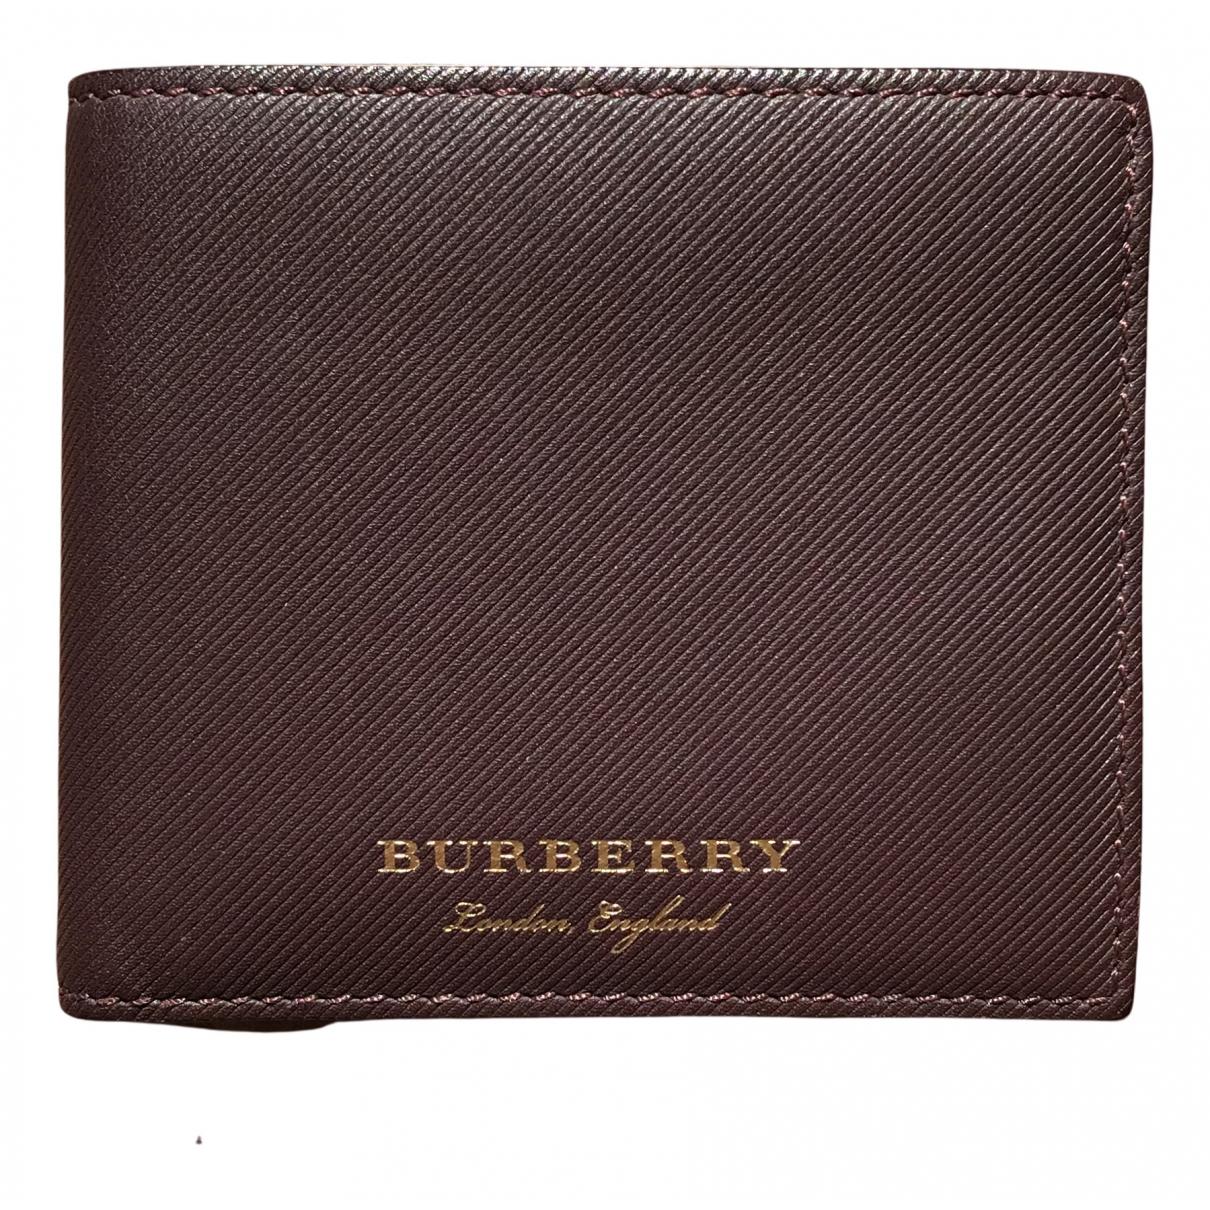 Burberry - Petite maroquinerie   pour homme en cuir - bordeaux